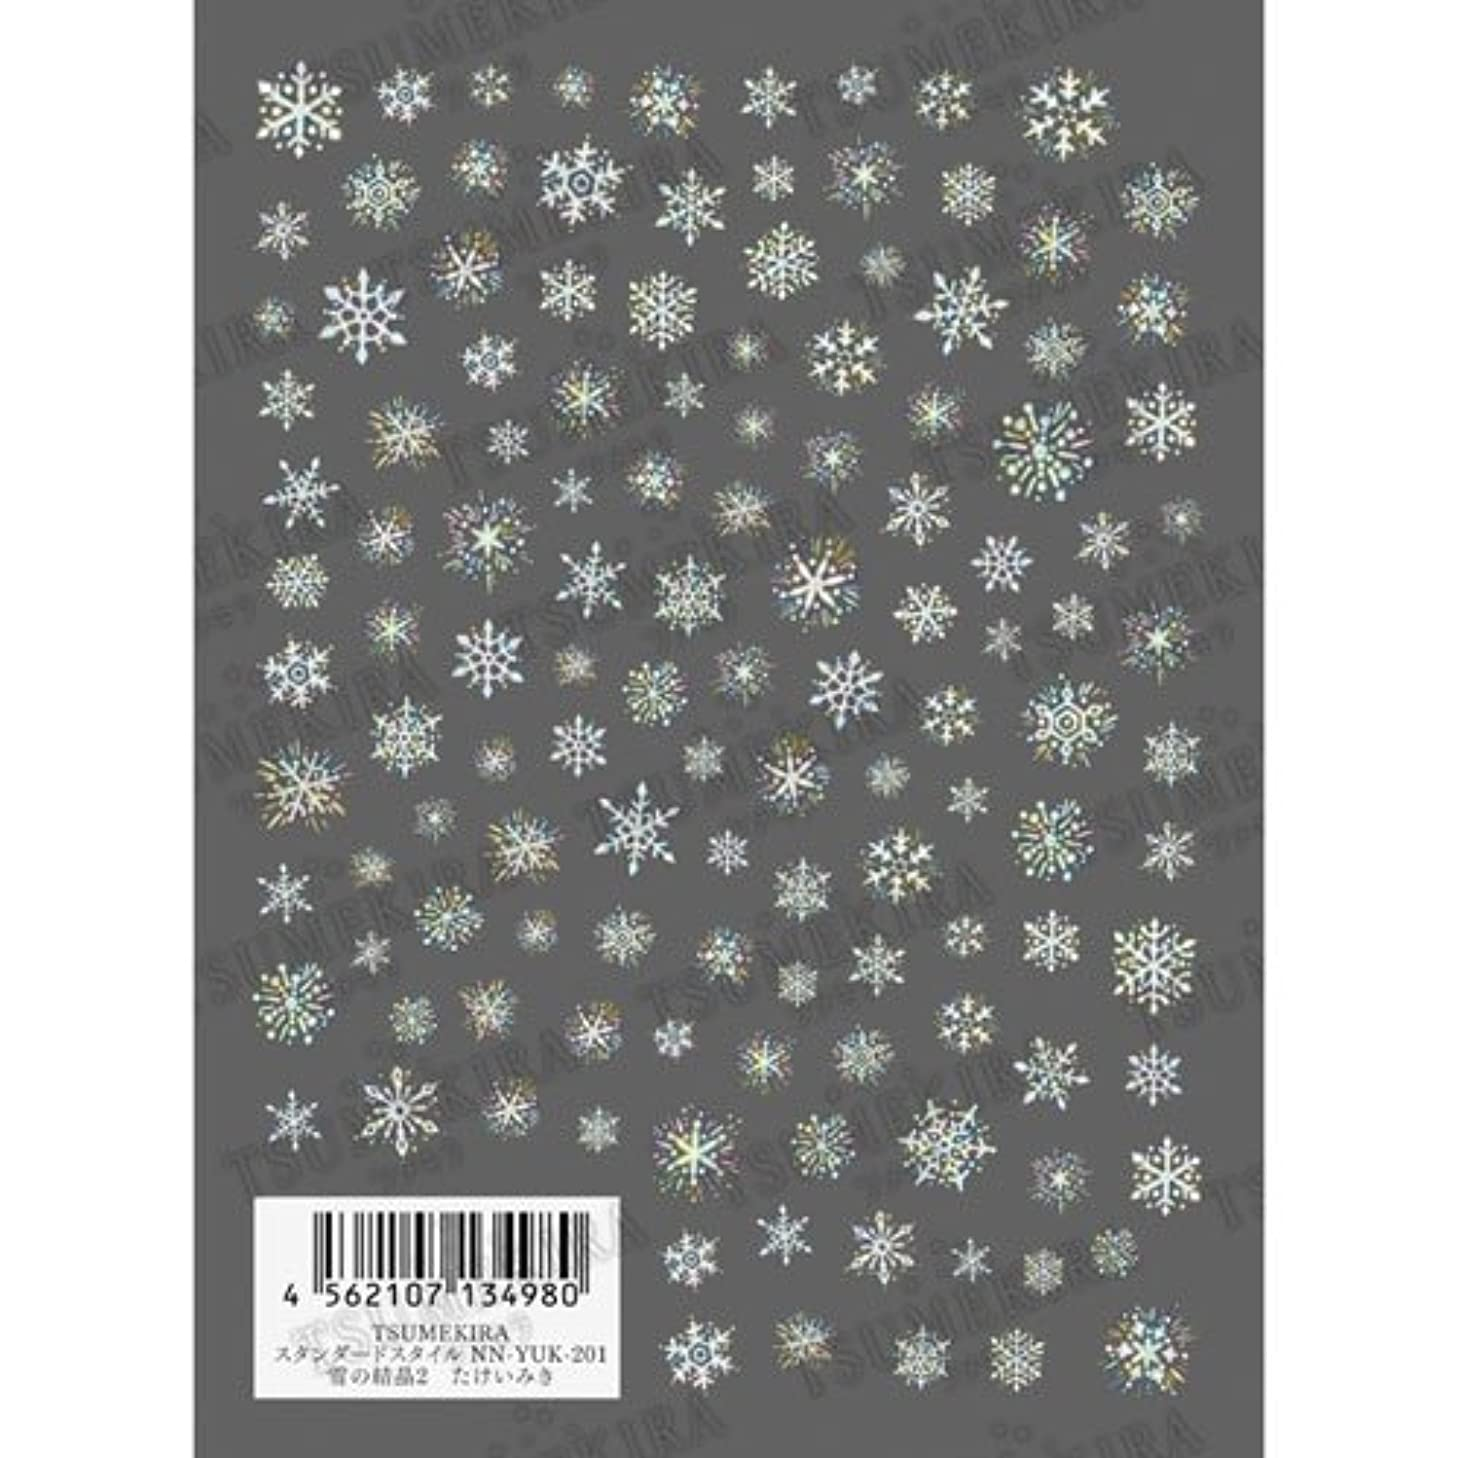 海外ロデオ人柄ツメキラ ネイル用シール スタンダードシリーズ 雪の結晶2 NN-YUK-201